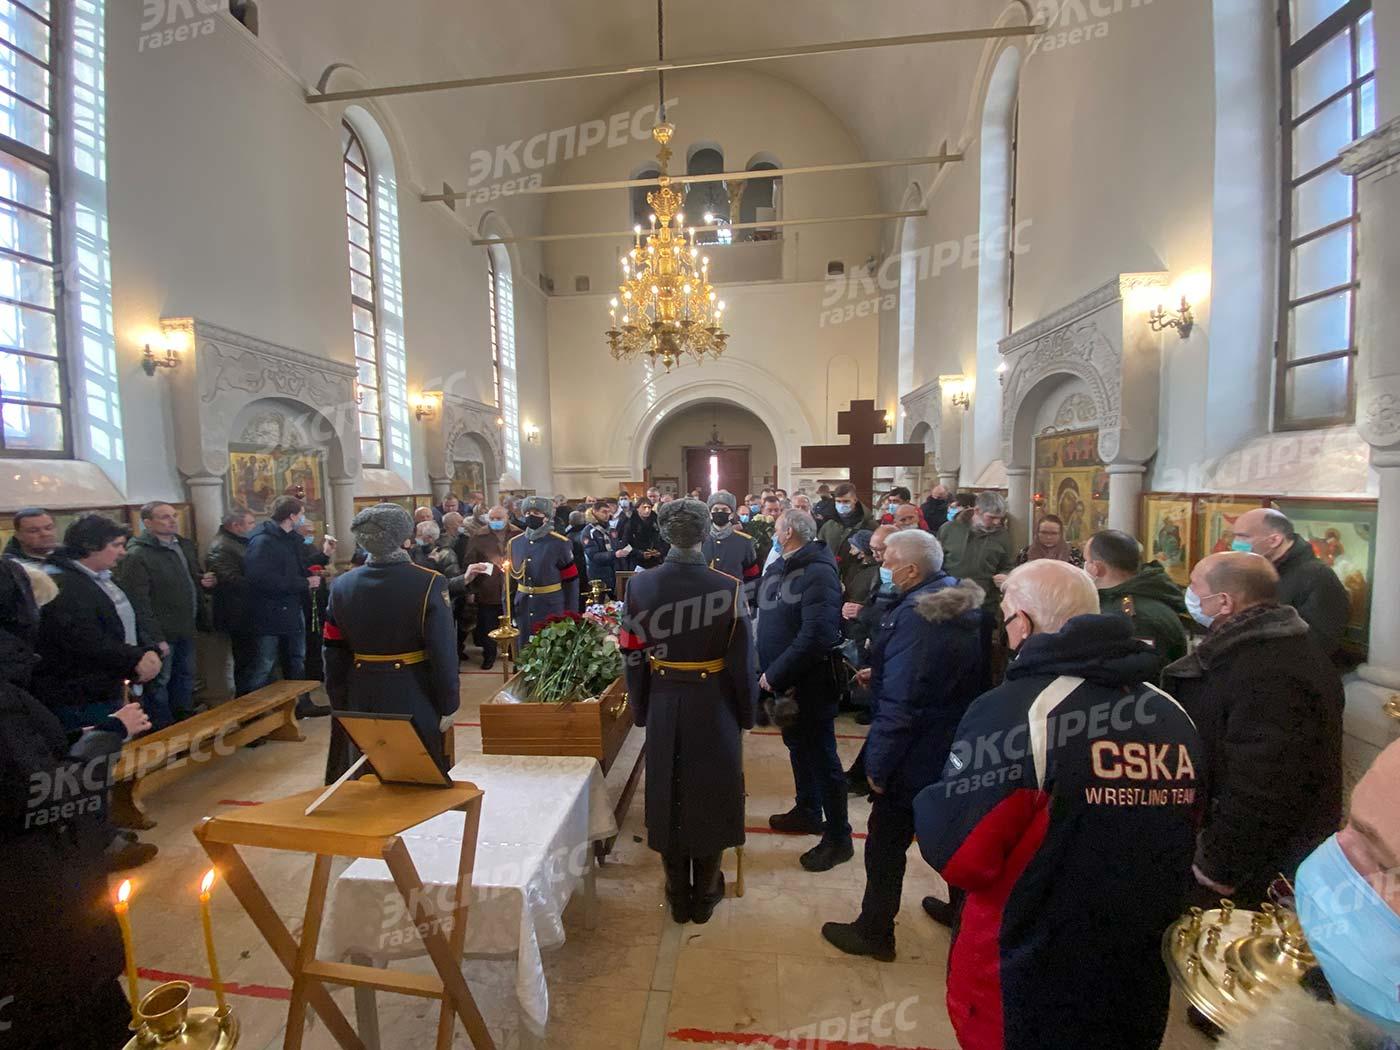 Похороны Юрия Власова. Фото: Руслан Вороной